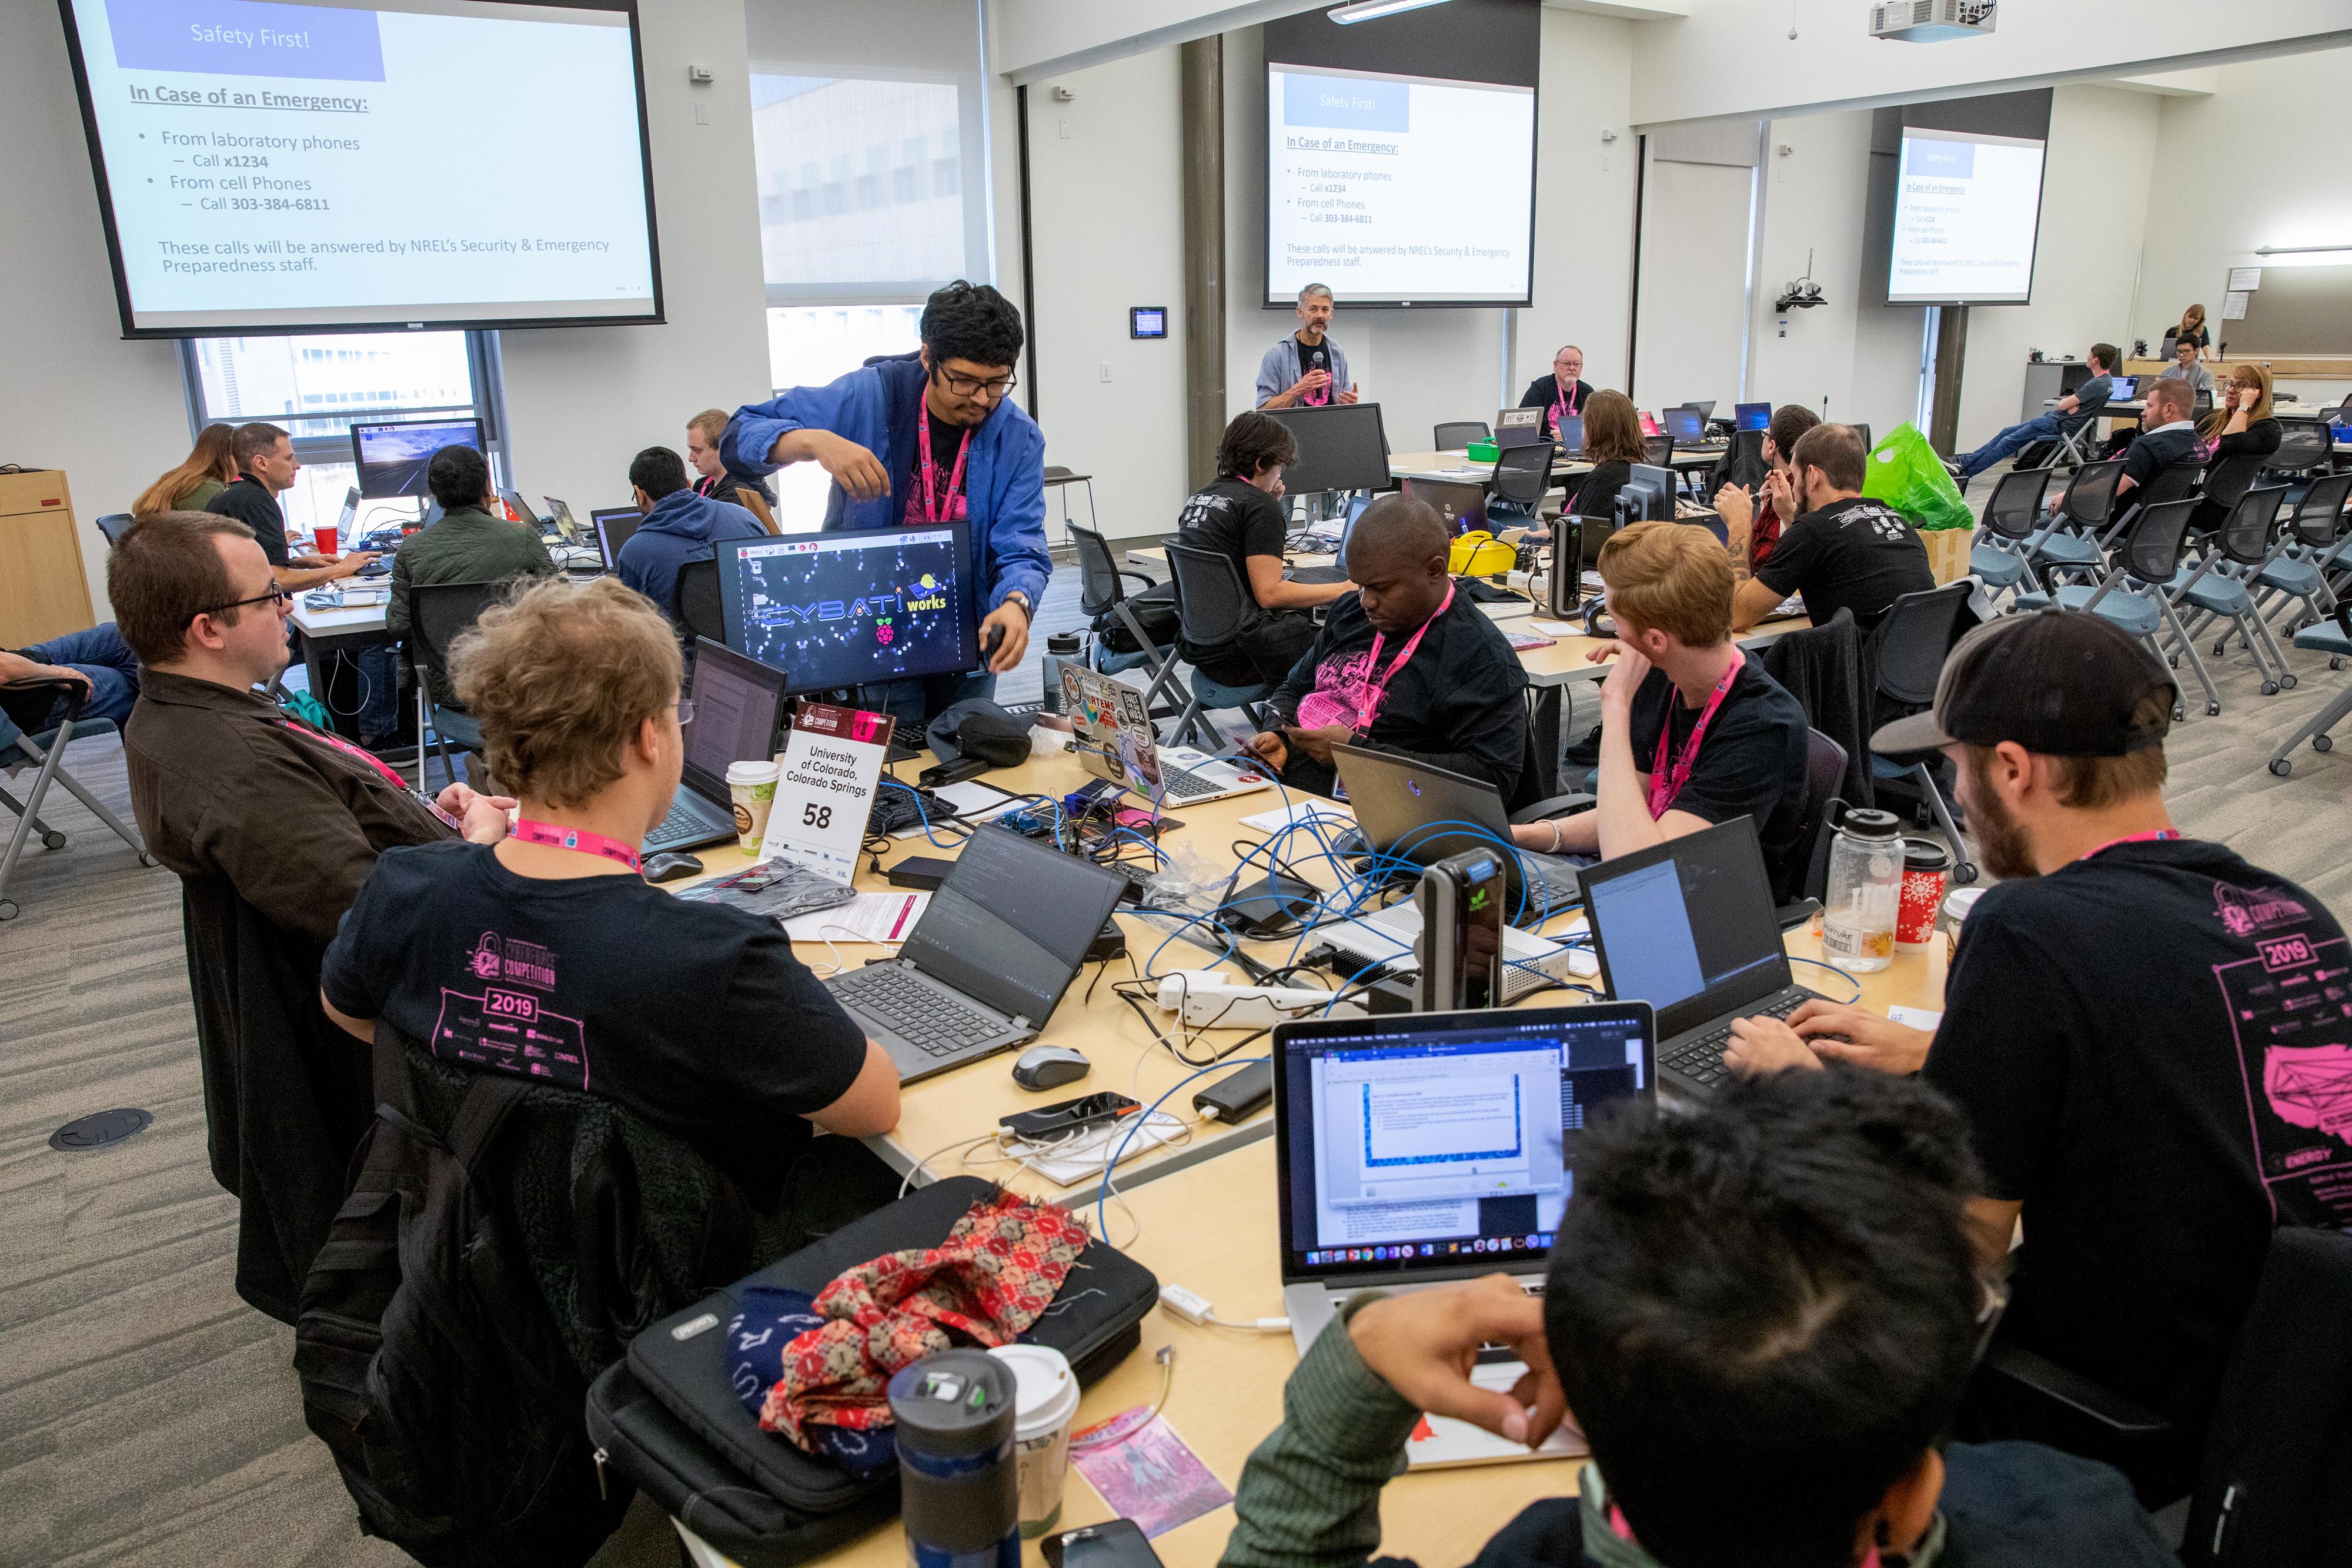 Participants au cinquième concours CyberForce 2019 du Department de l'Énergie. (crédits: Werner Slocum / NREL / Flickr Creative Commons Attribution - Pas d'Utilisation Commerciale - Pas de Modification 2.0 Générique (CC BY-NC-ND 2.0))